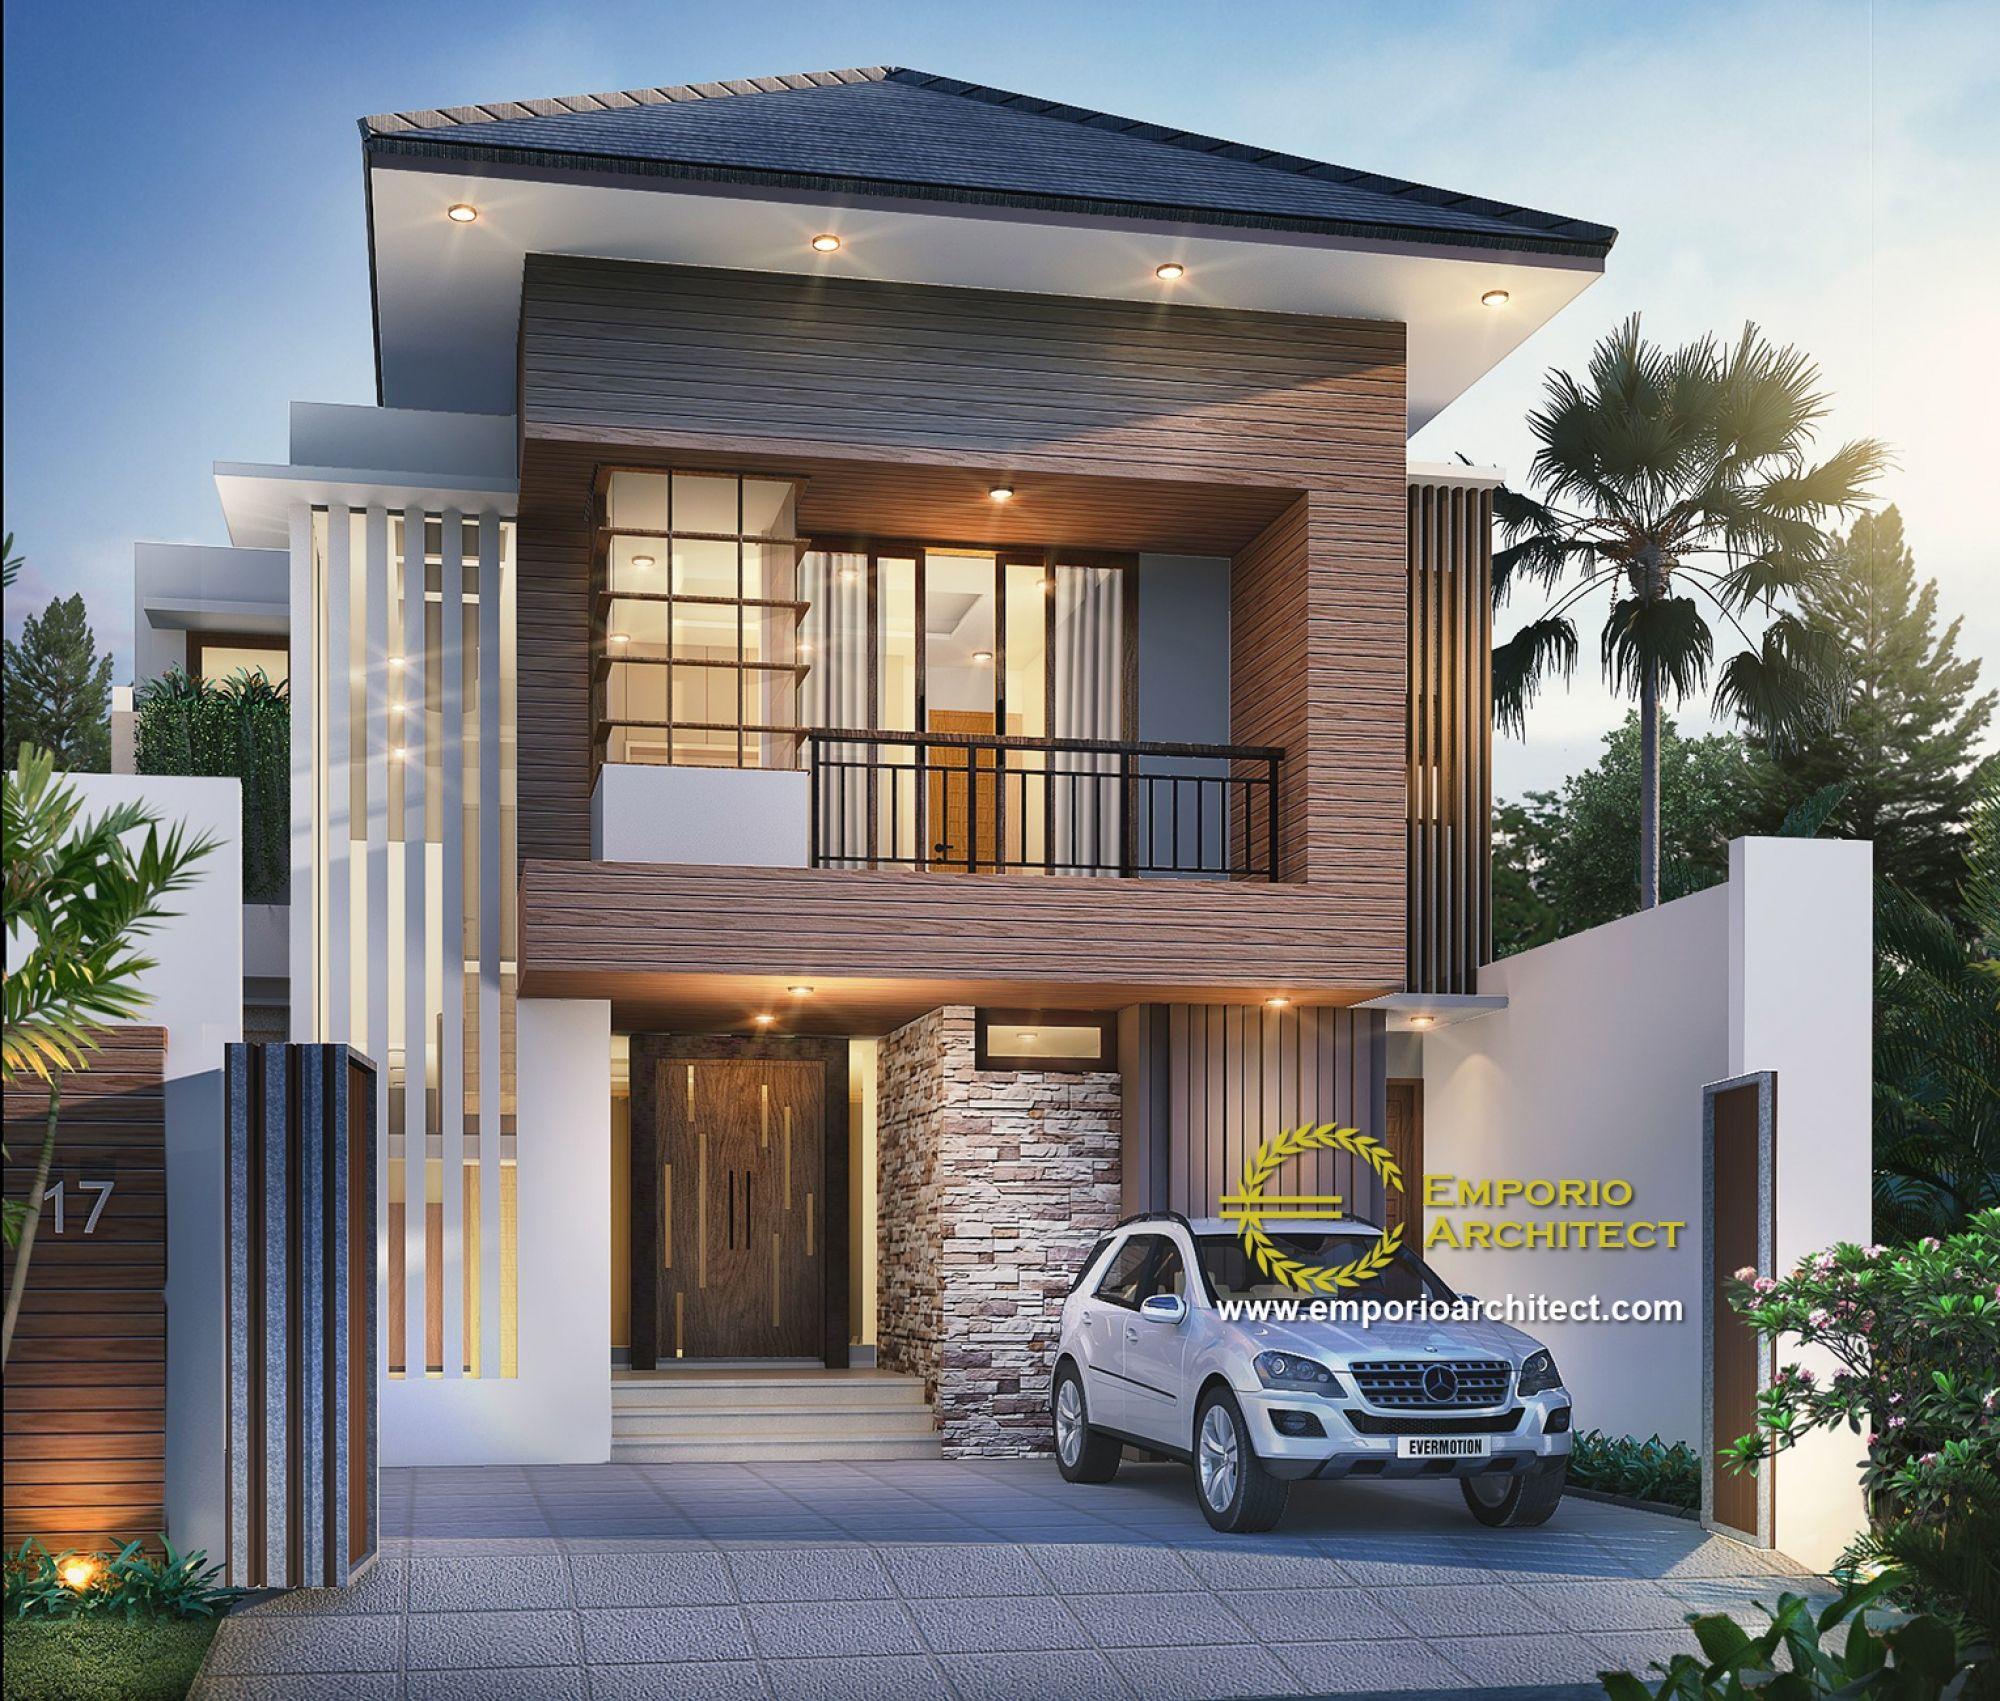 Jasa Arsitek Desain Rumah Ibu Ira Jakarta Jasa arsitek desain rumah minimalis berkualitas ...